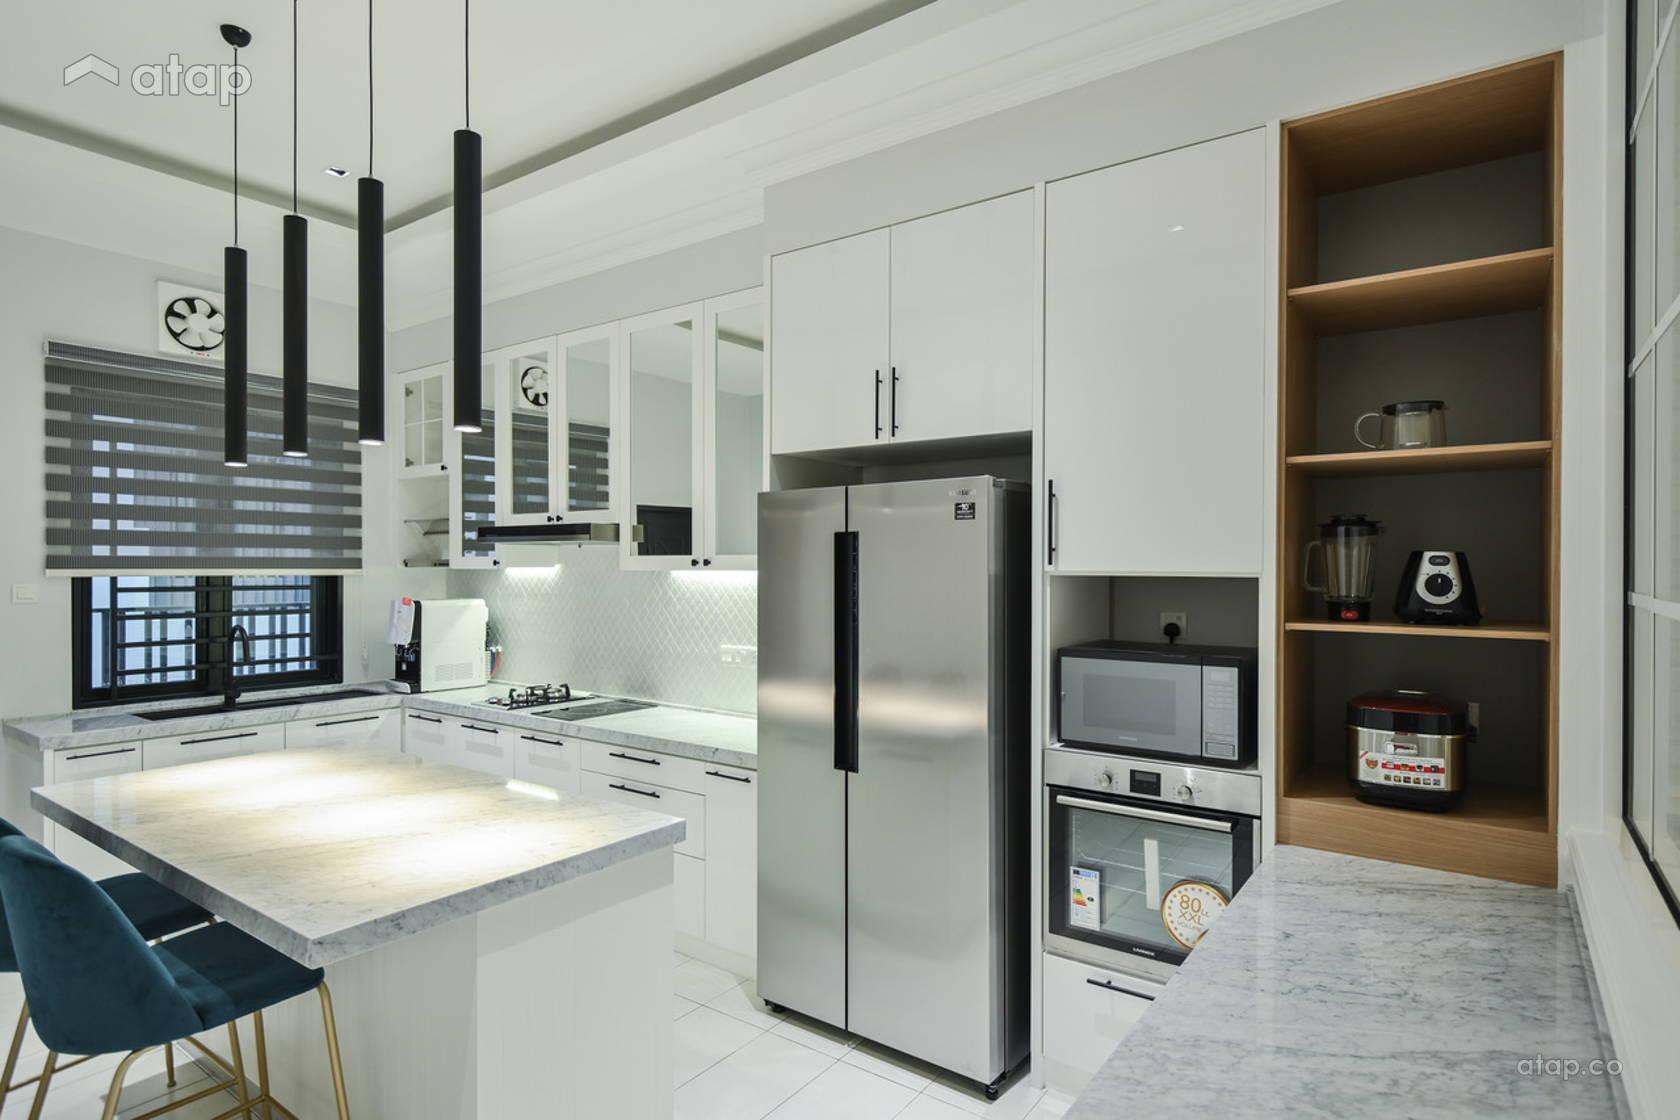 contemporary modern kitchen terrace design ideas  photos